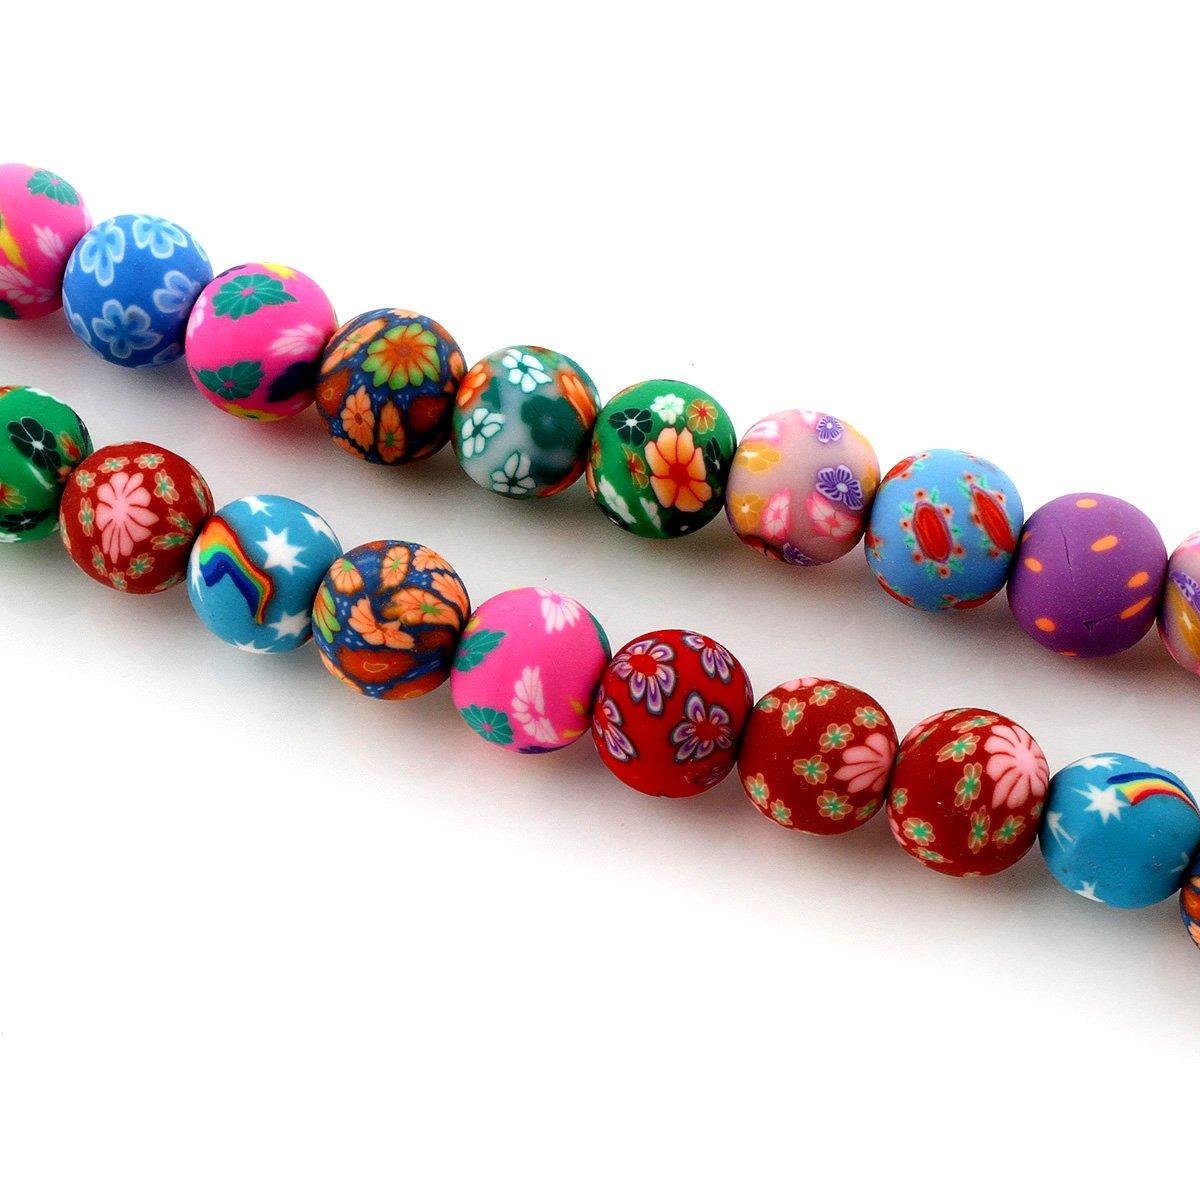 35 FIMOKETTE FIMO Perlen Kette Polymer Clay Rund 12mm Mischfarben Halskette R125